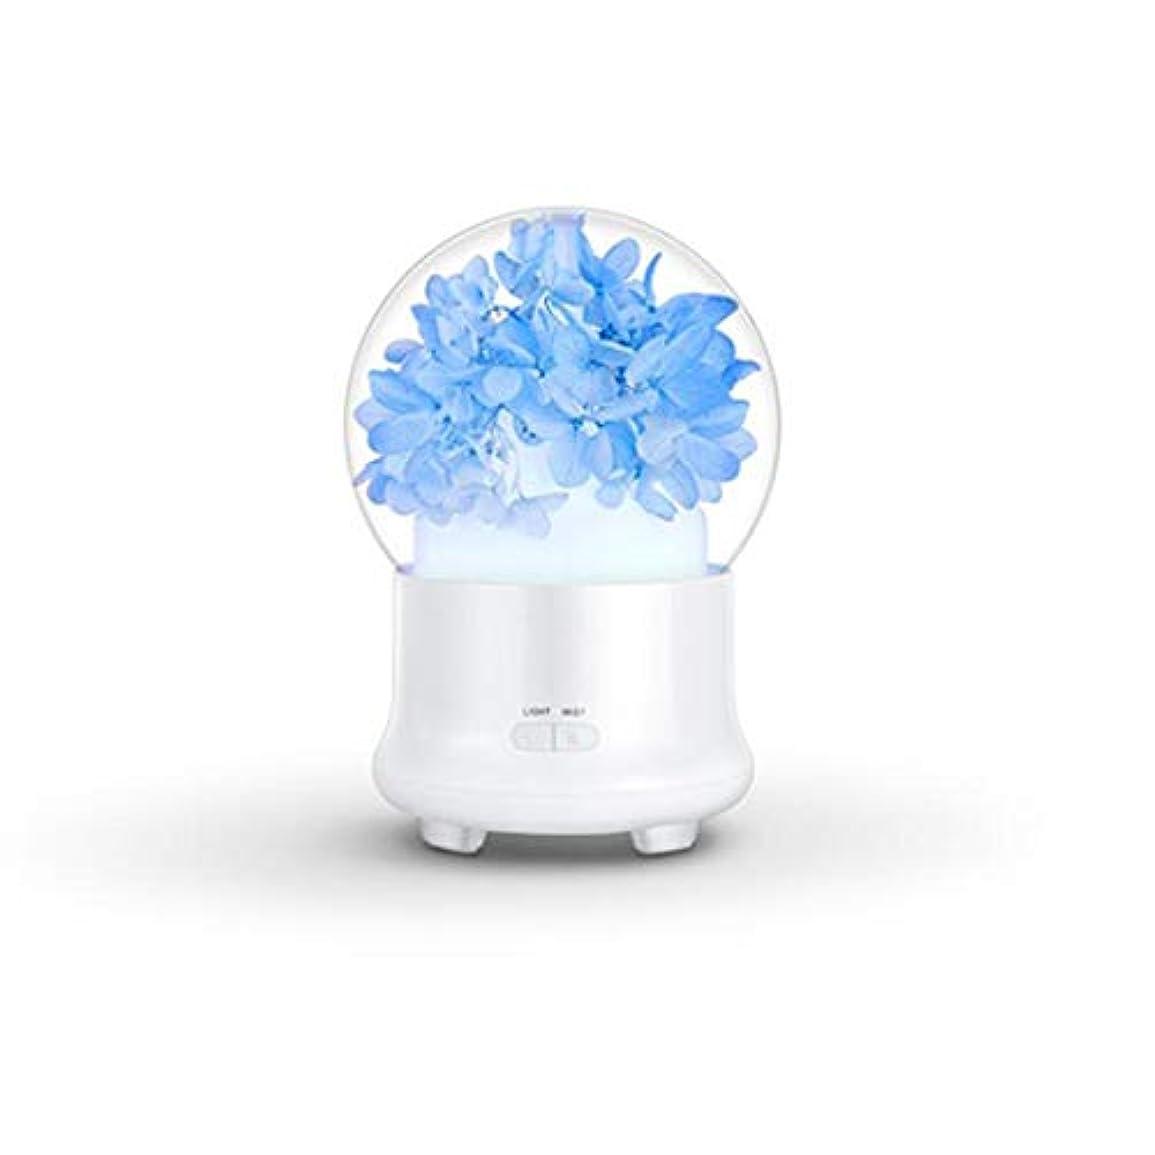 ふけるカスケード預言者ACHICOO アロマディフューザー 加湿器 花 電気 カラフル LED ミストフォッガー かわいい 安全 24V 12 x 12 x 16.8cm ブルー